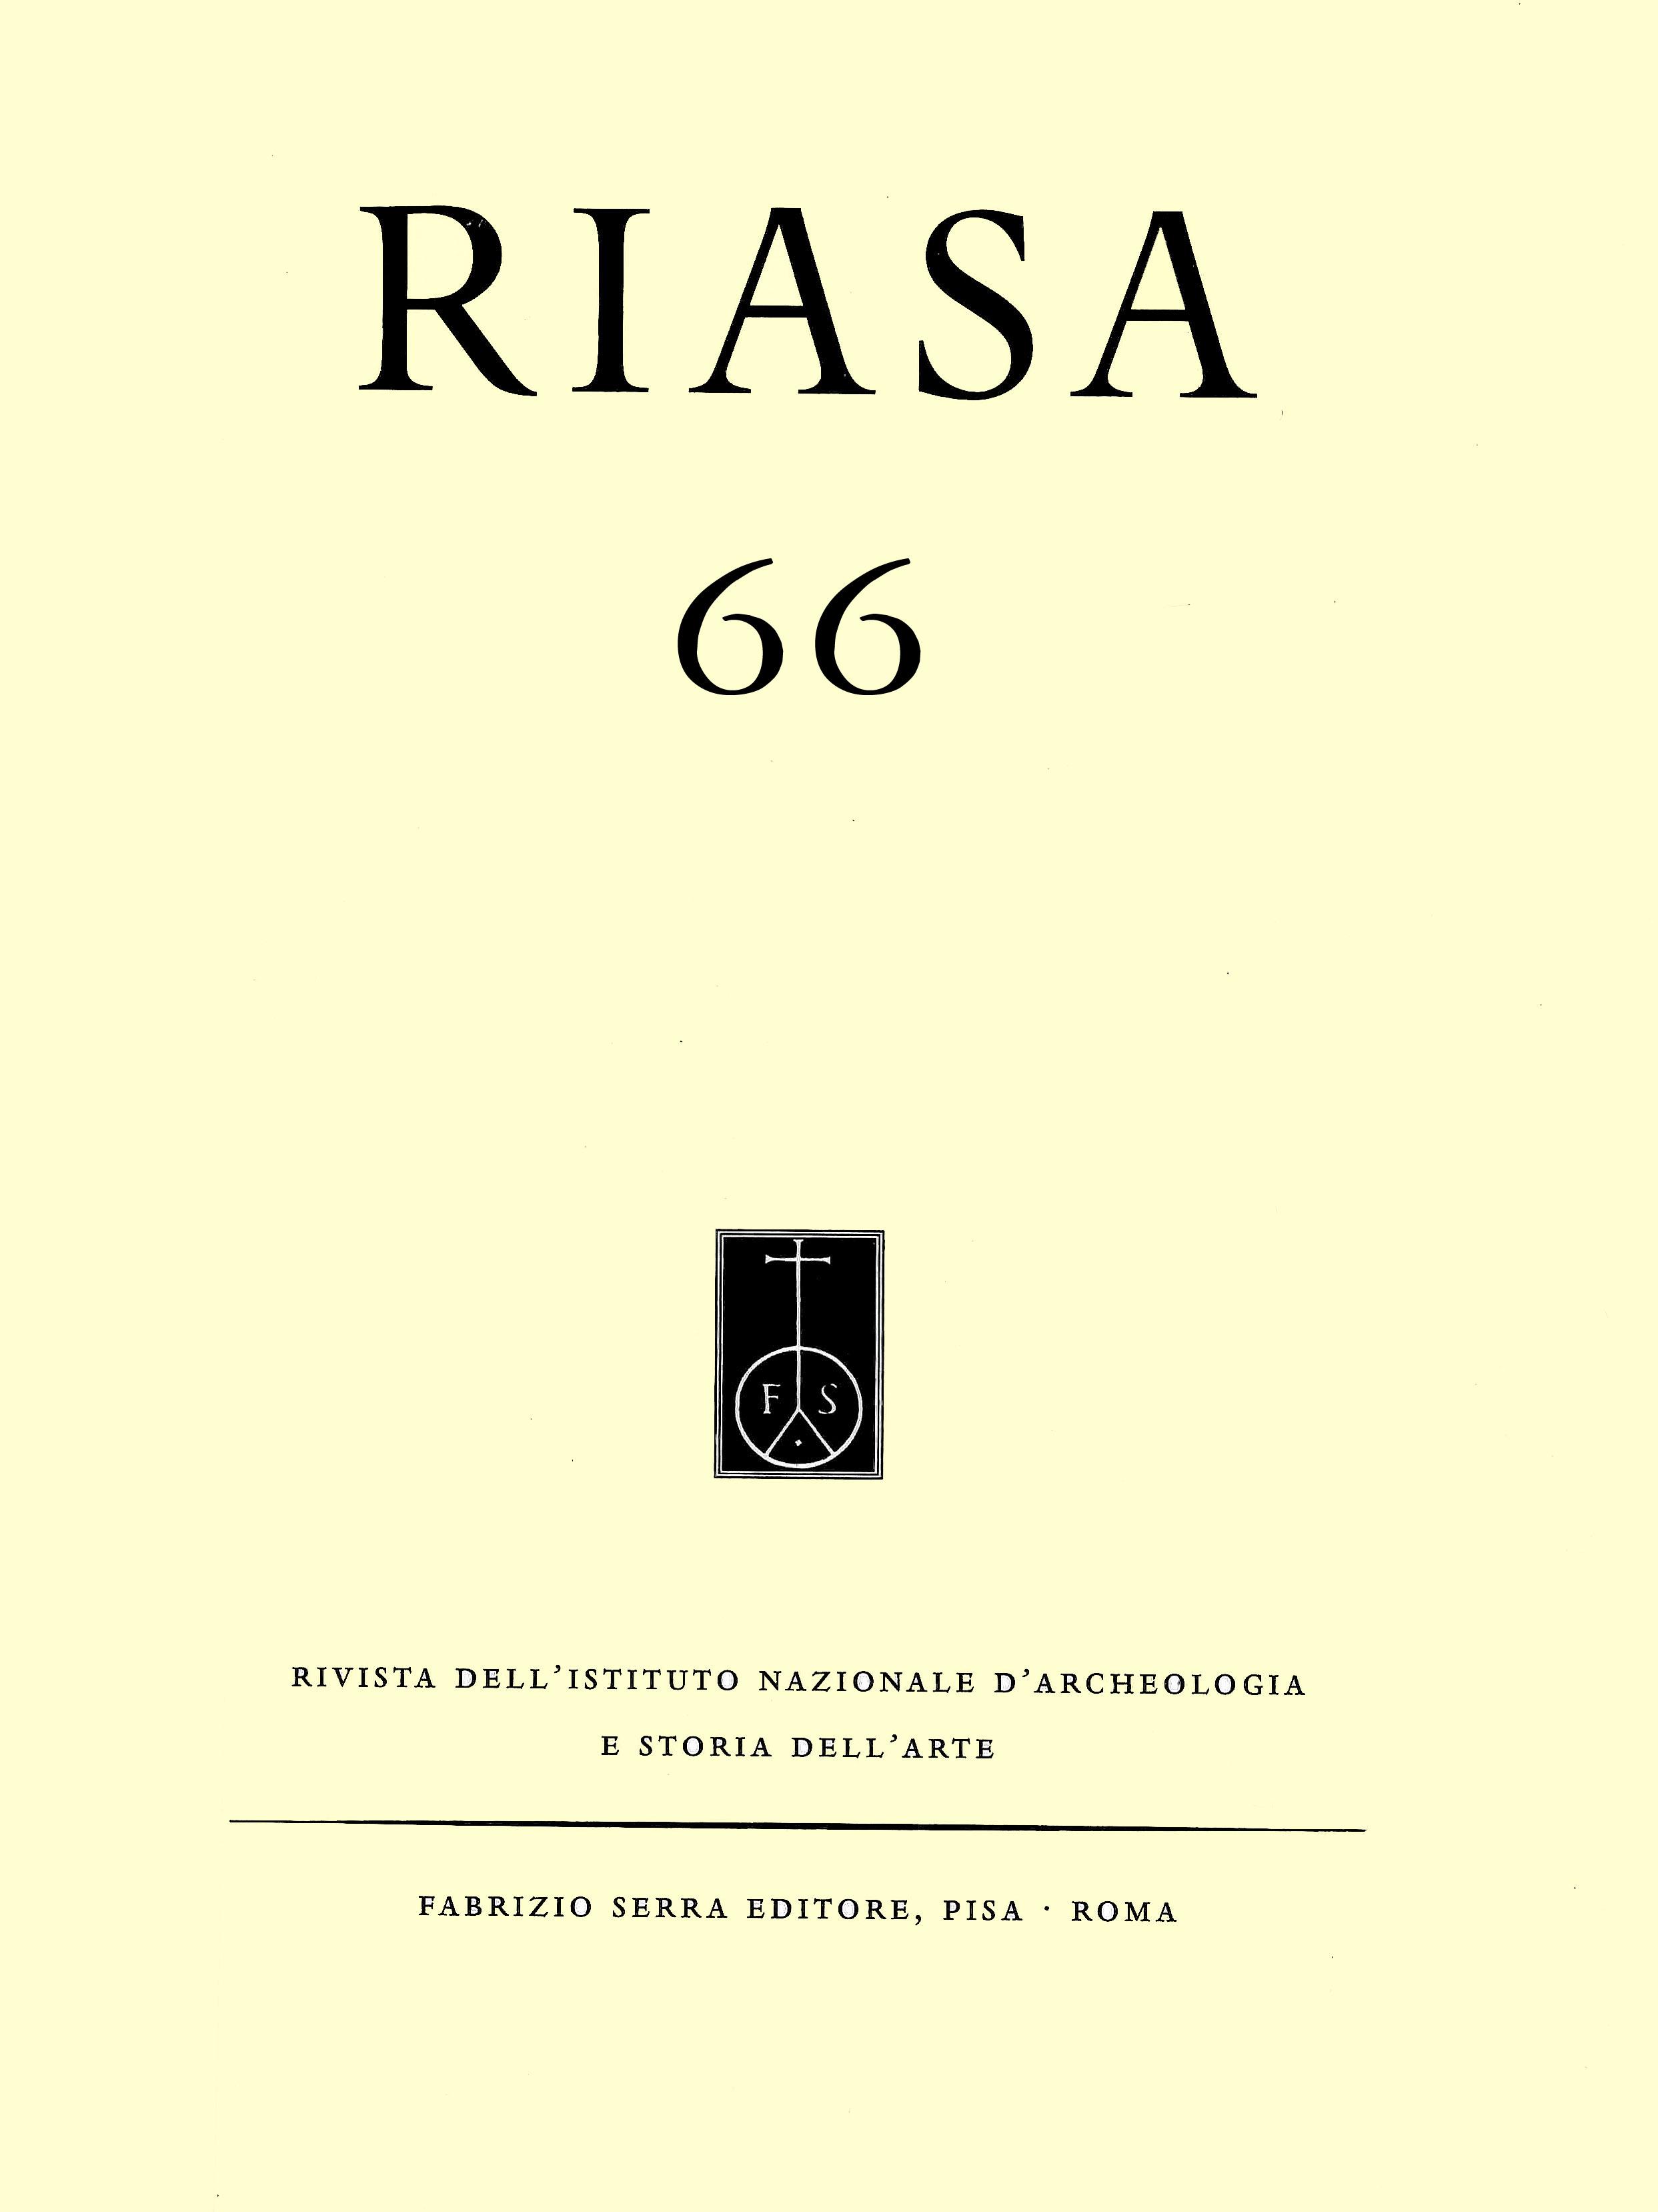 RIASA 66